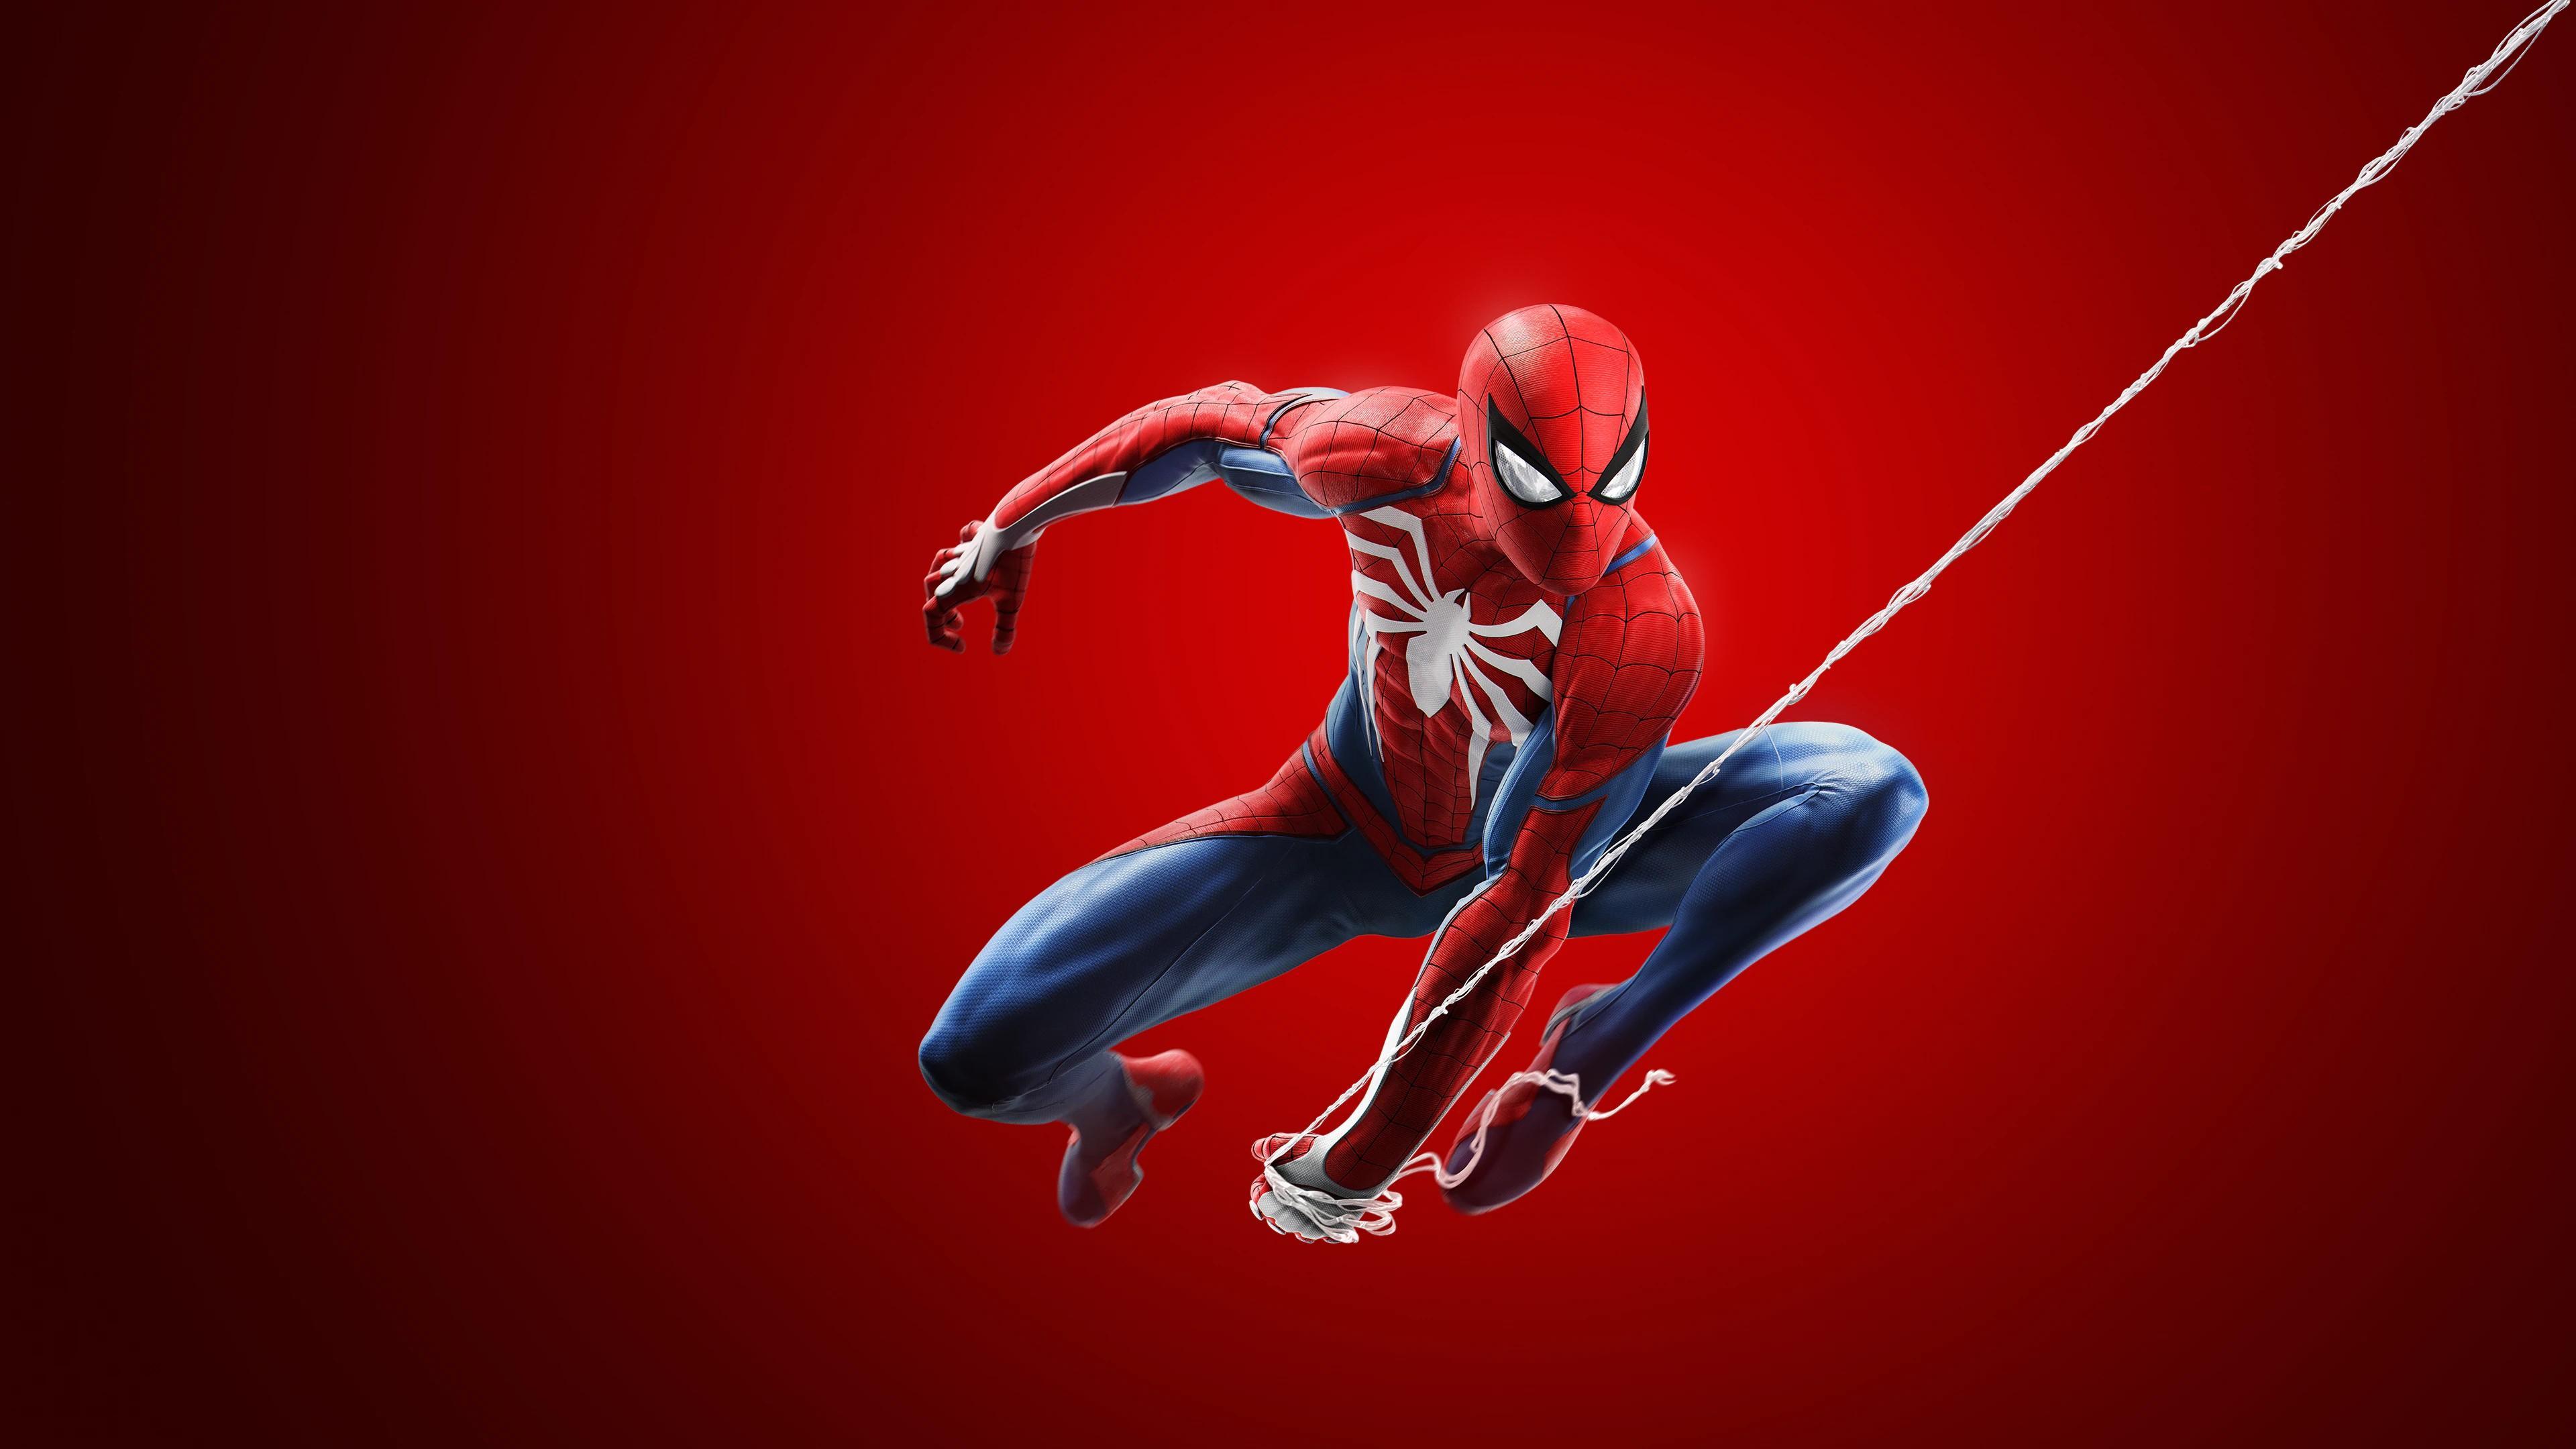 消息指《Marvel 蜘蛛俠》續作正在開發中 - 香港手機遊戲網 GameApps.hk